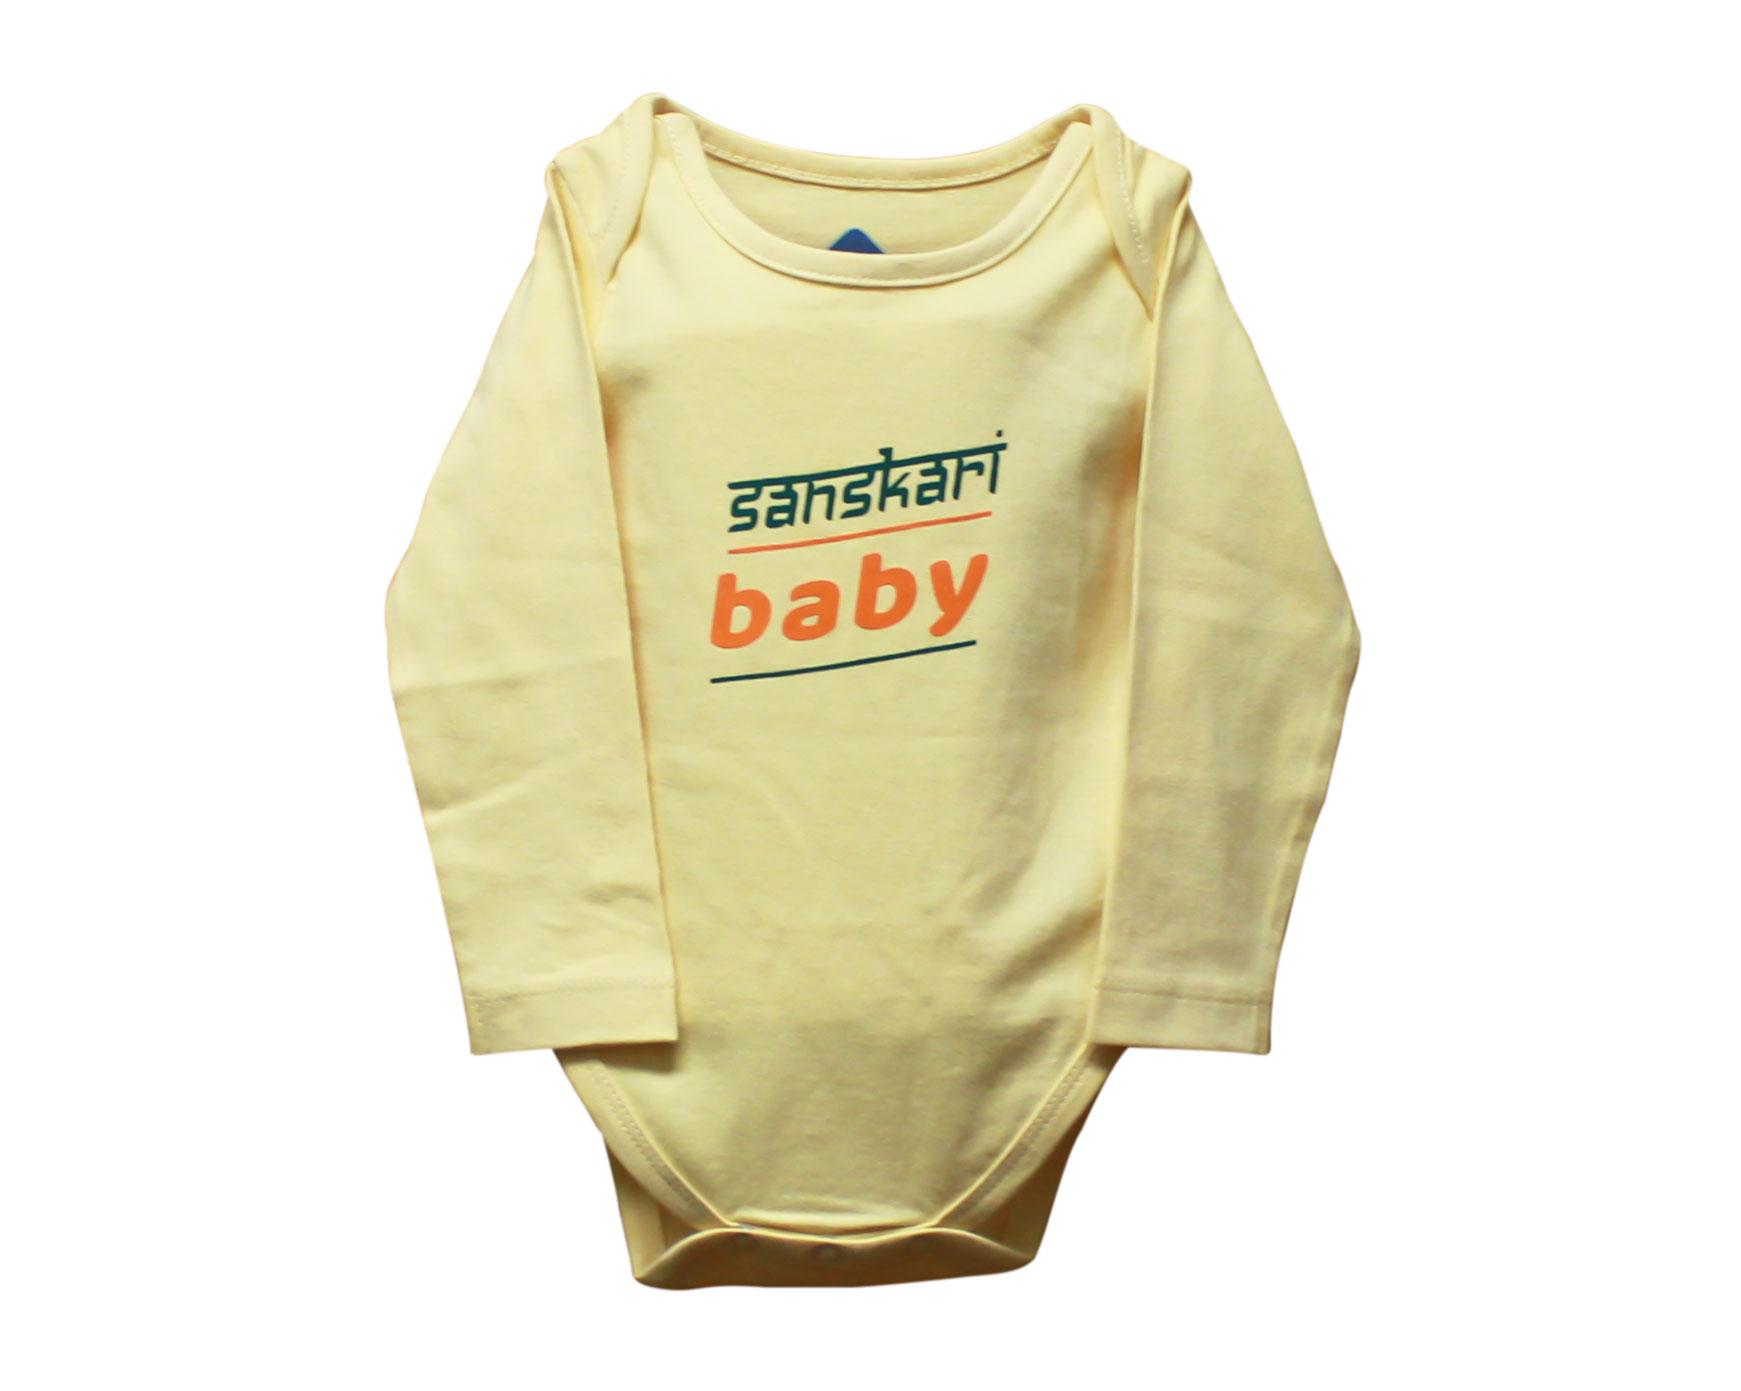 sanskari baby romper .jpg